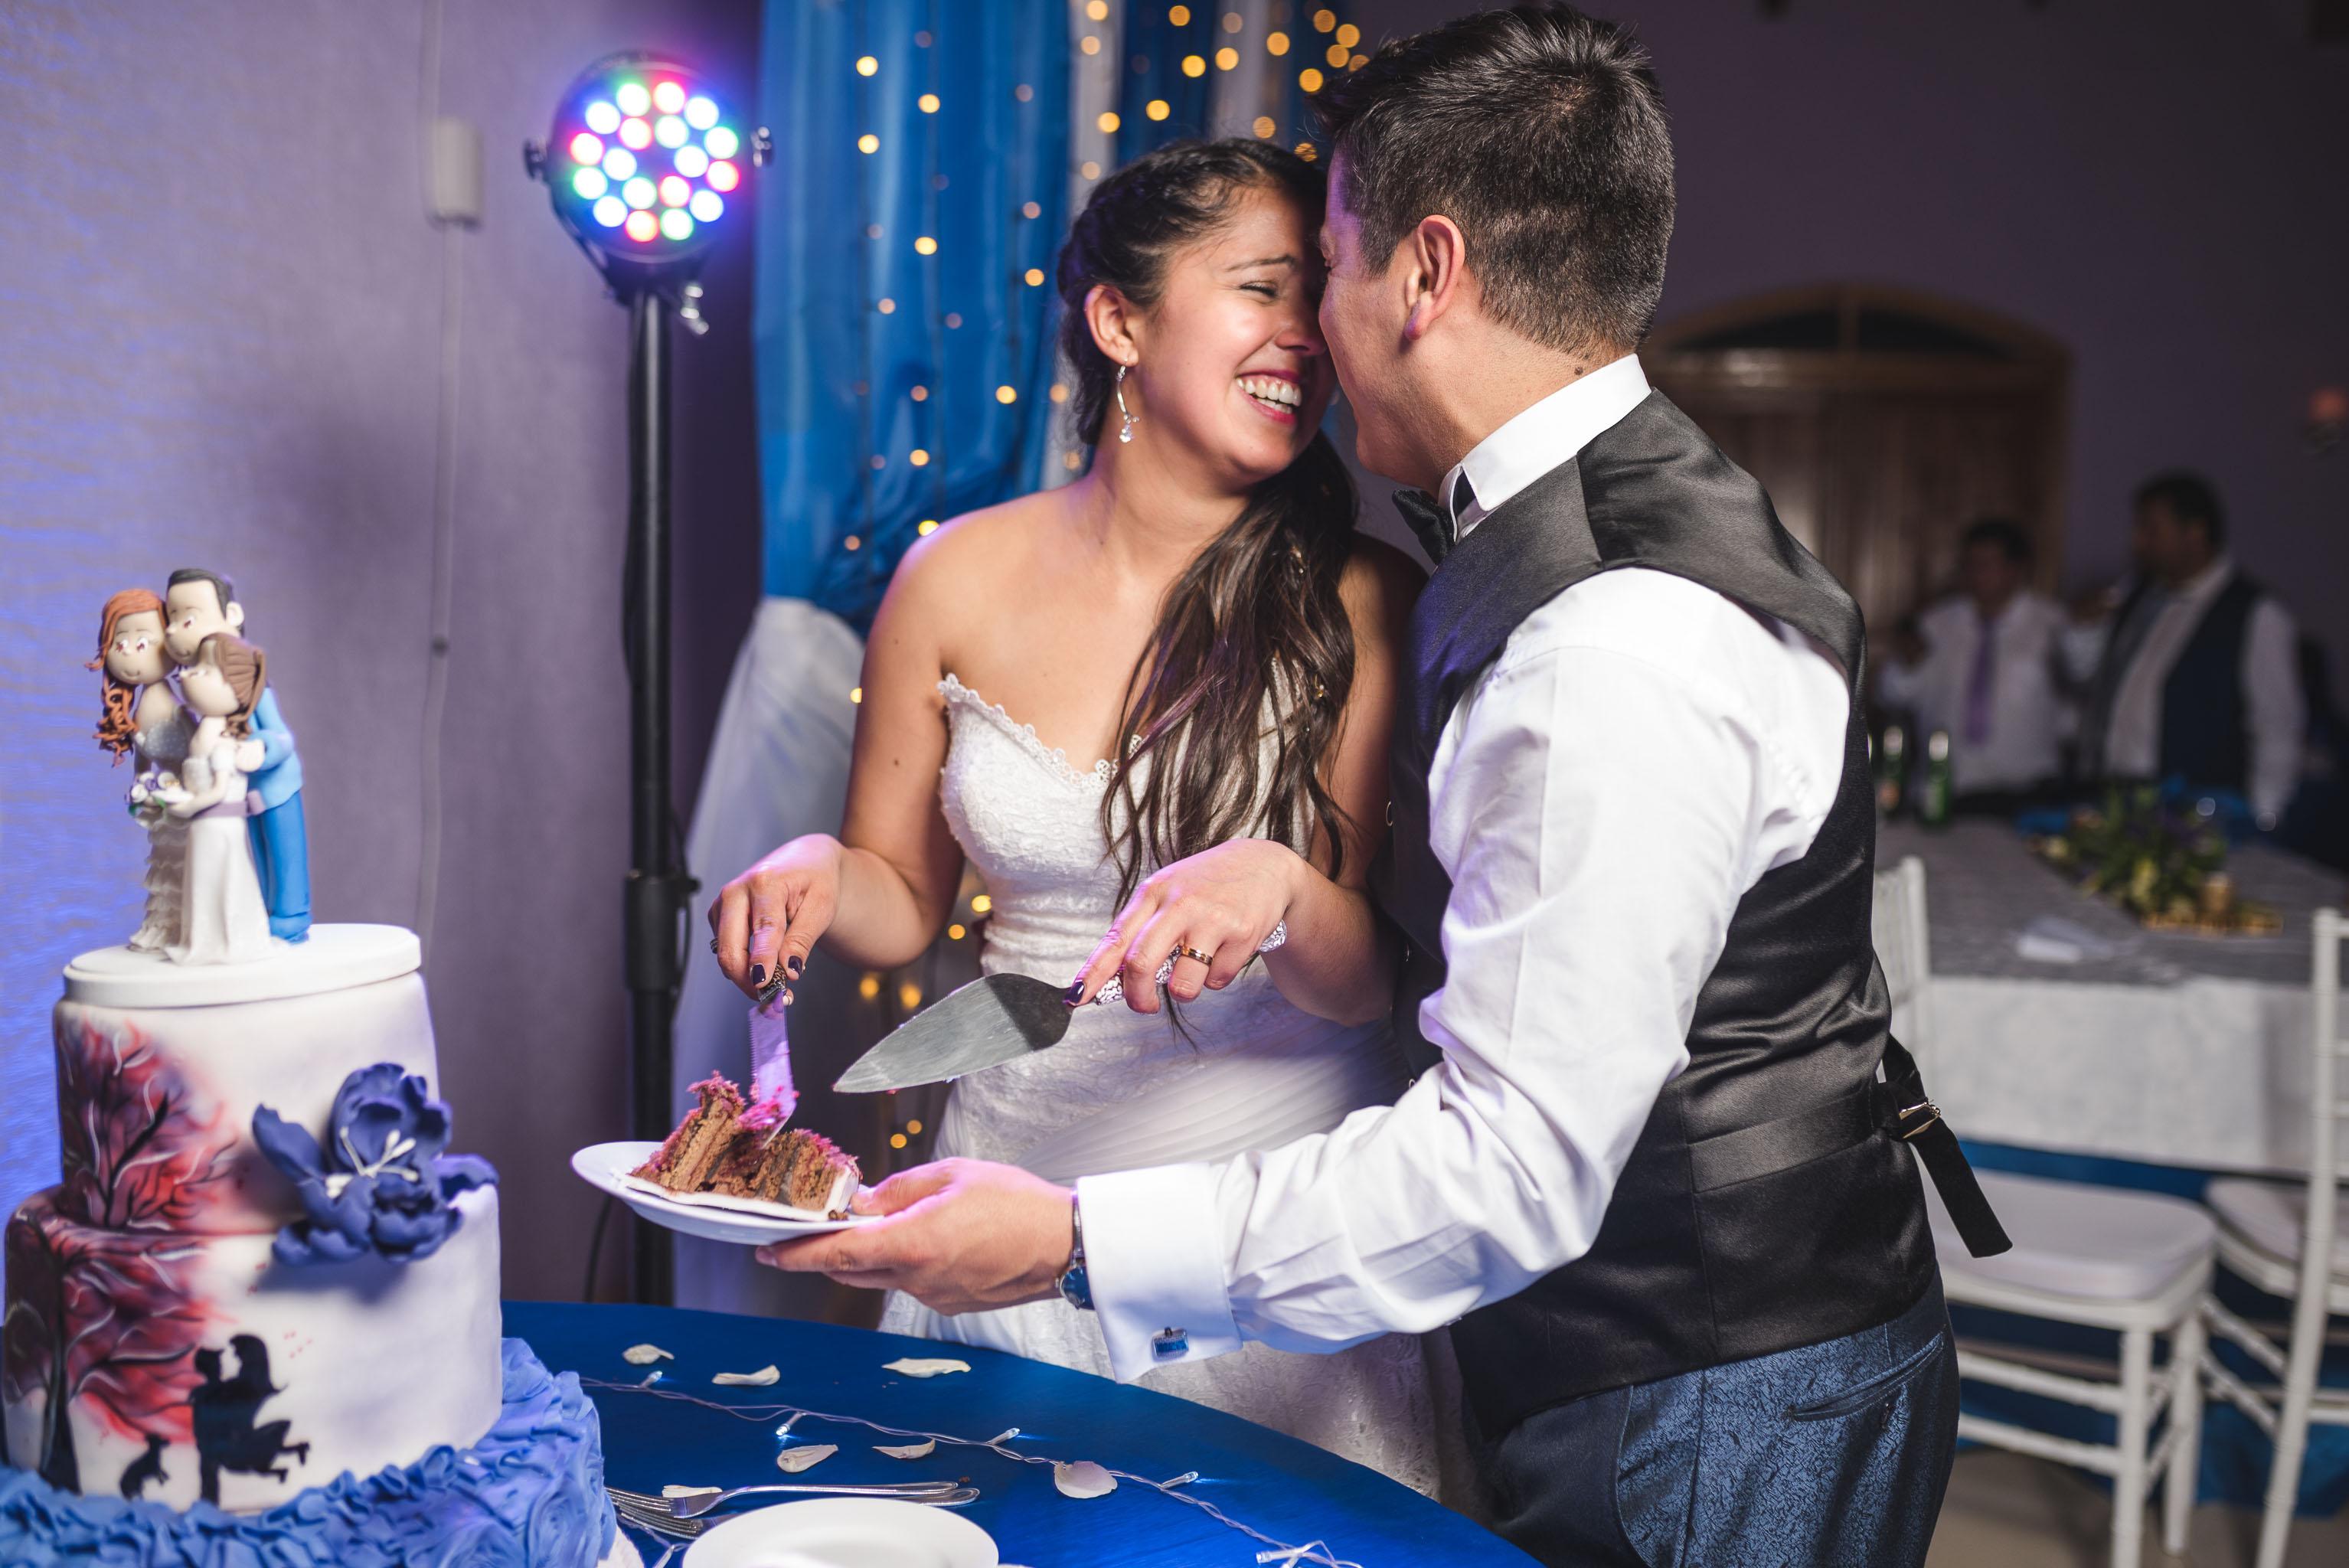 Matrimonio-centro de eventos-oliveto-santiago-fotógrafo de matrimonios-fiesta-torta novios